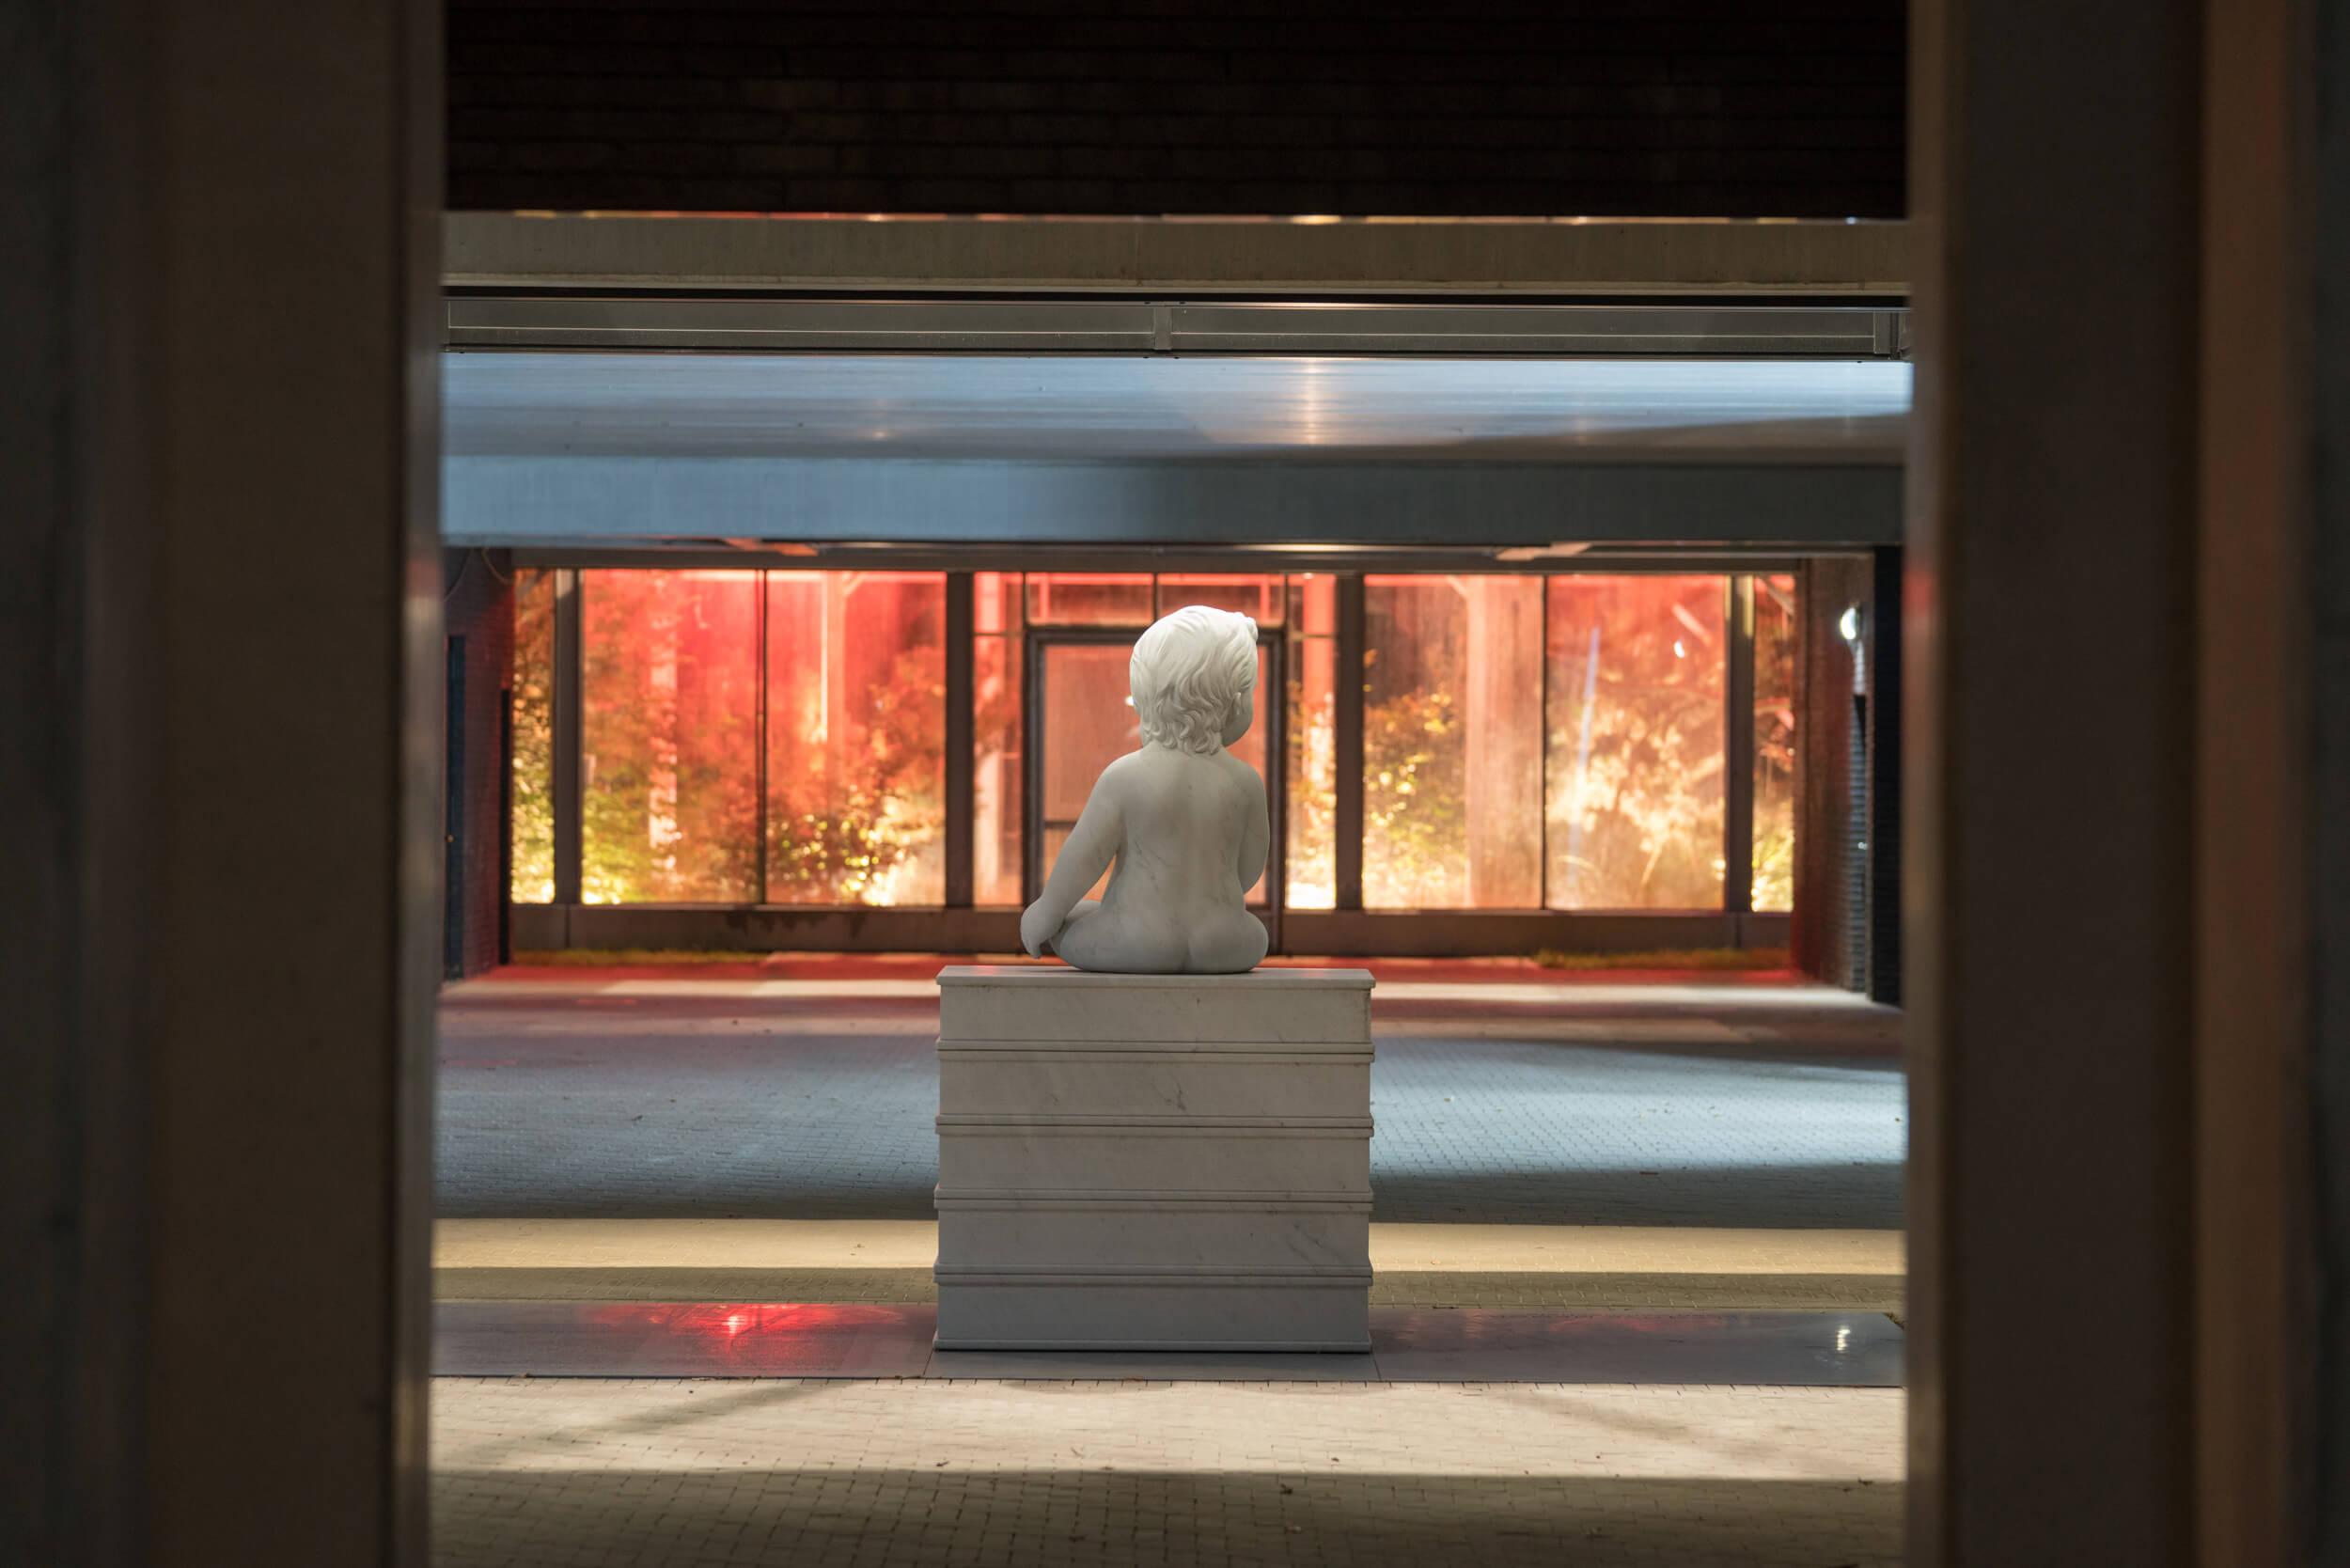 focus-archi-magazine-architectuur-archinews-labiomista-04.jpg